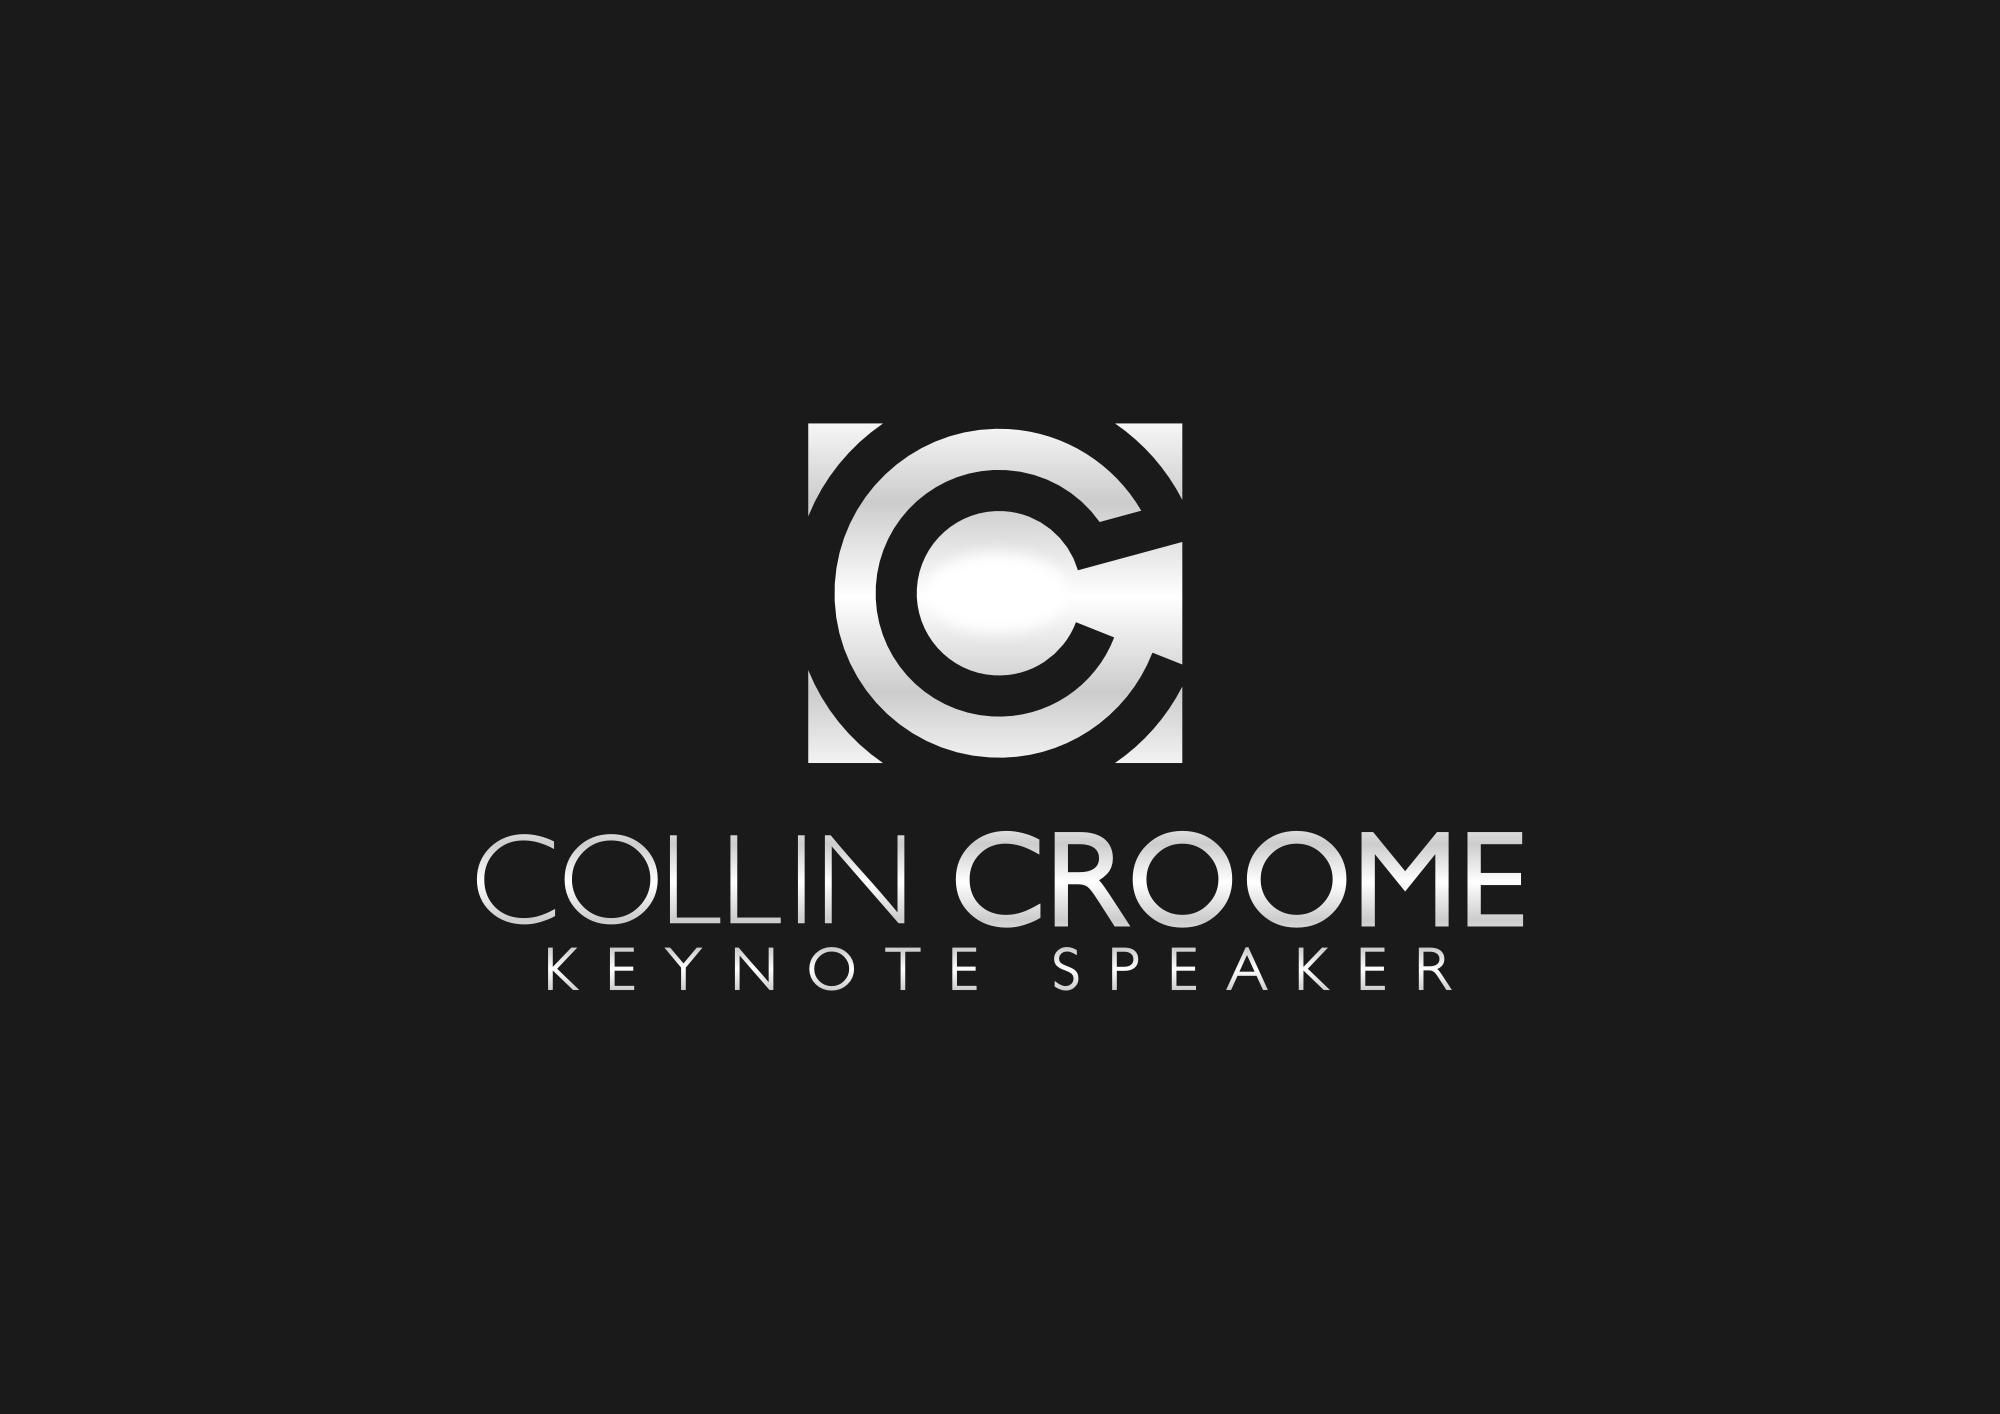 Logo Design by explogos - Entry No. 105 in the Logo Design Contest Modern Logo Design for Collin Croome.